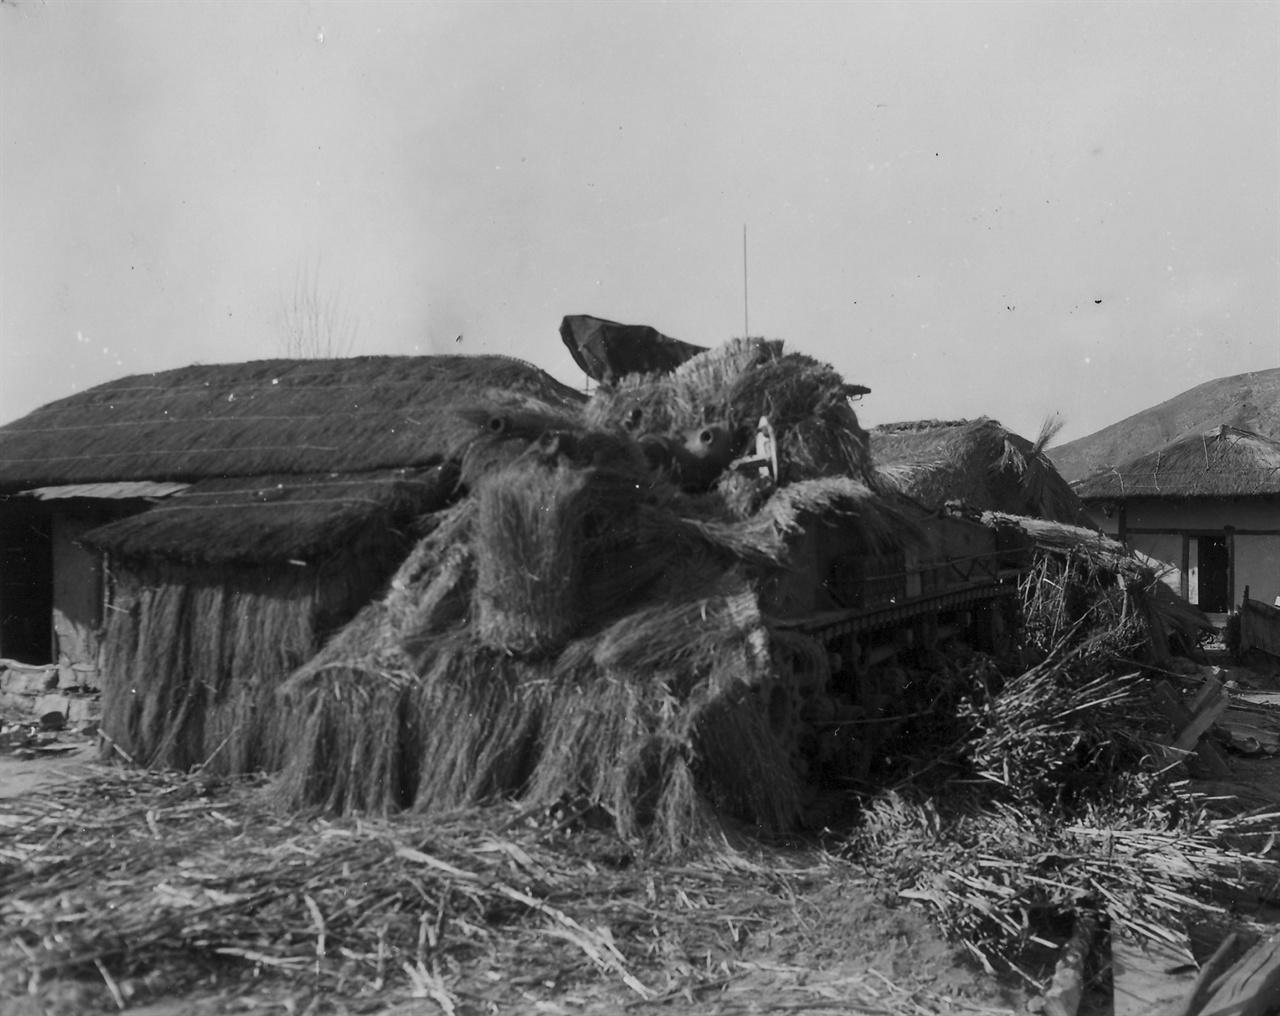 안동, 짚으로 덮어 위장한 탱크(1951. 2. 7.).